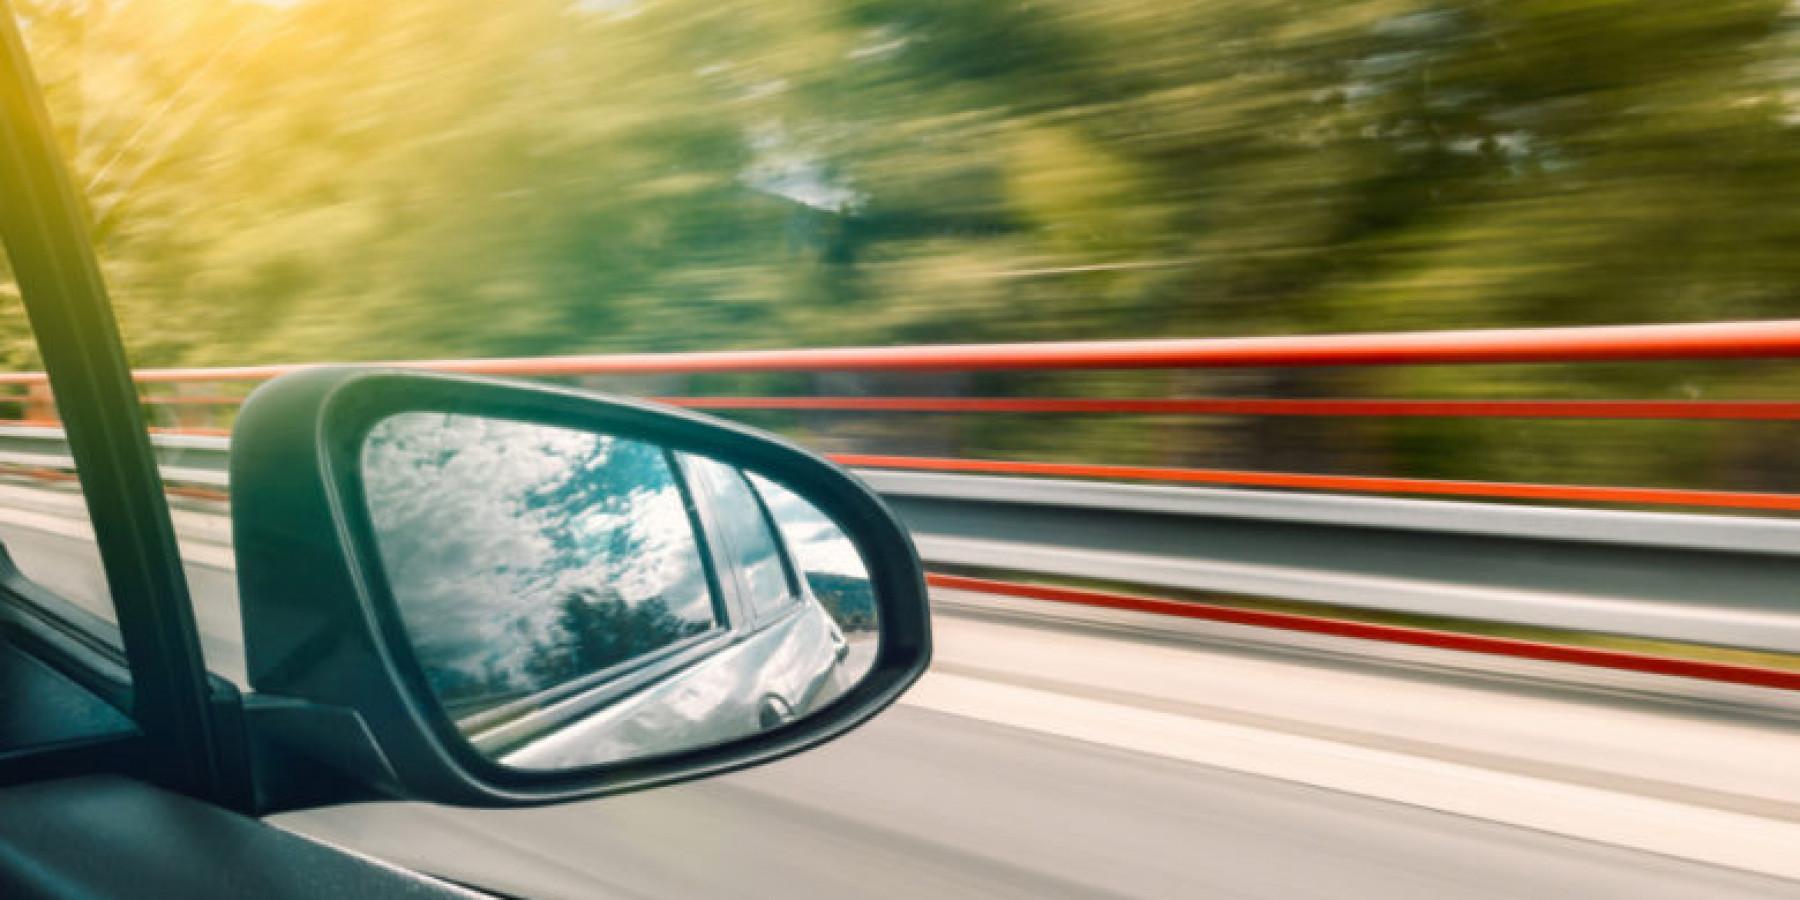 35-jähriger fährt unter Drogeneinfluss mit PKW